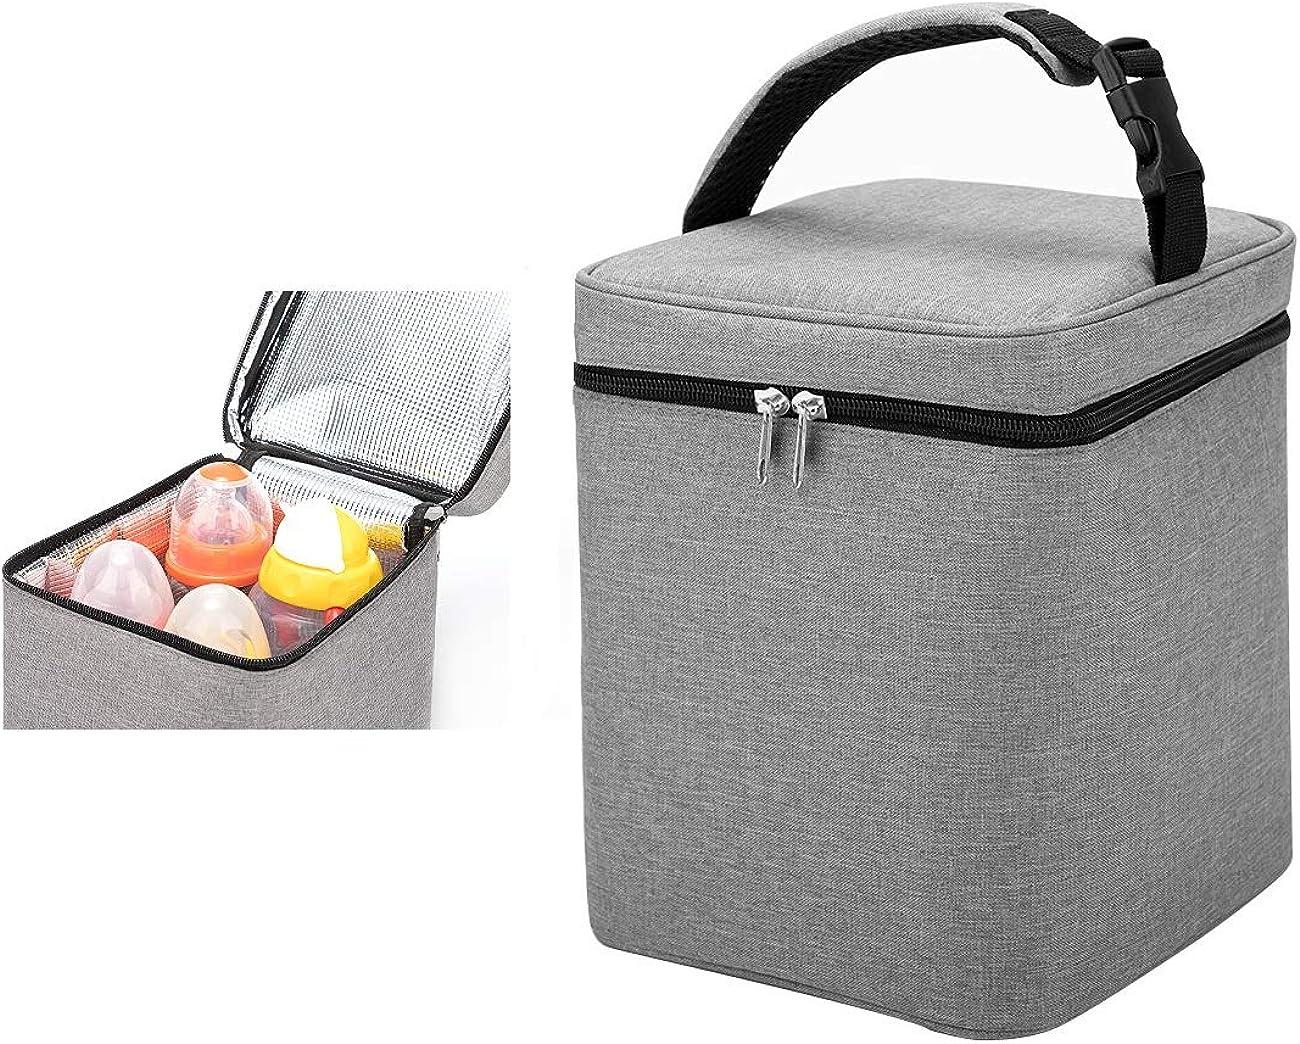 Breastmilk Cooler Bag, Baby Bottles Bag, Perfect for Nursing Mom Back to Work, (Bag ONLY)